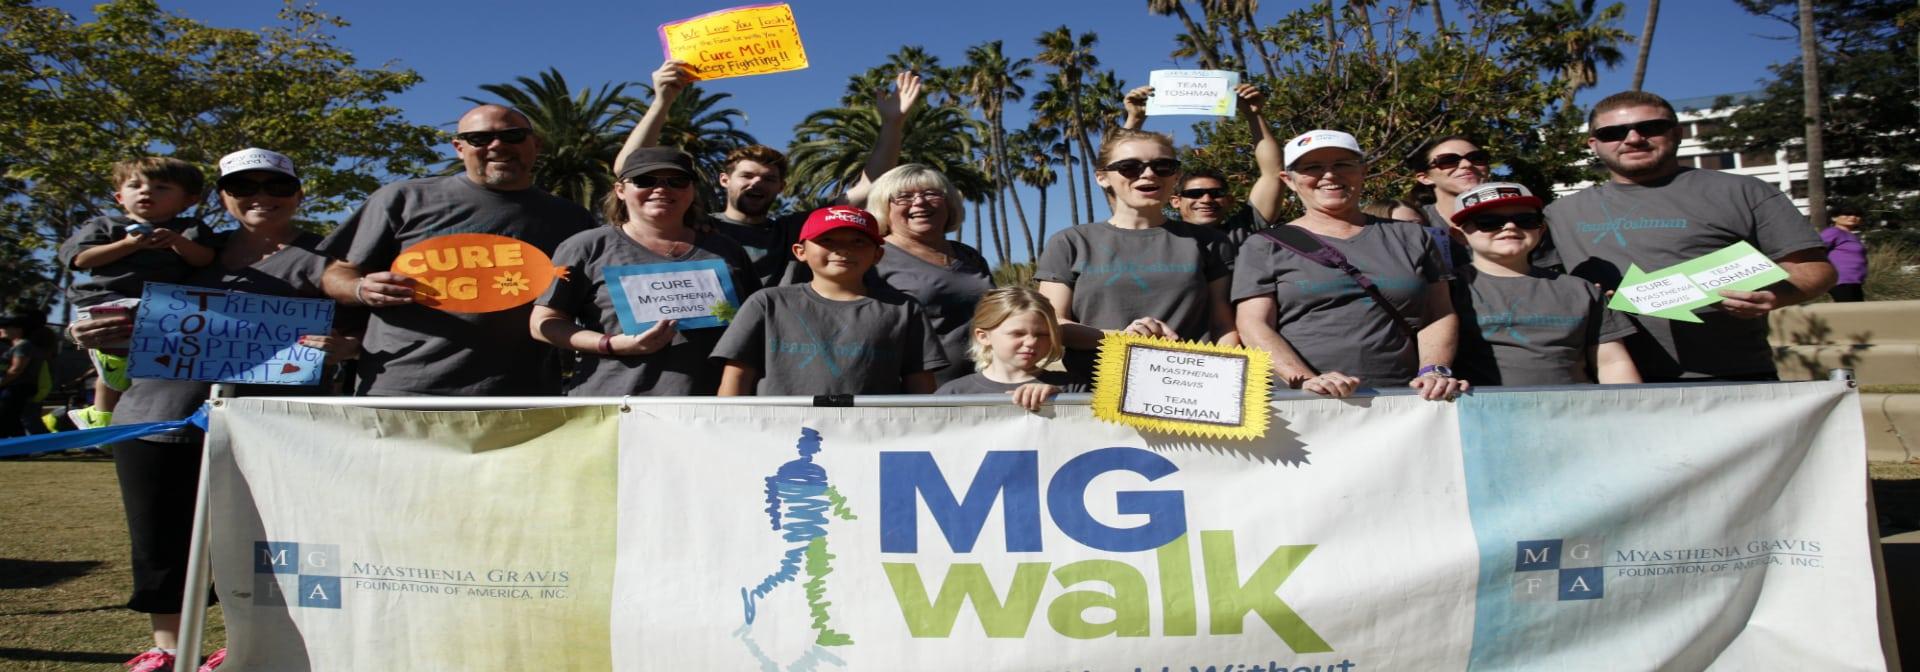 Greater L.A. MG Walk